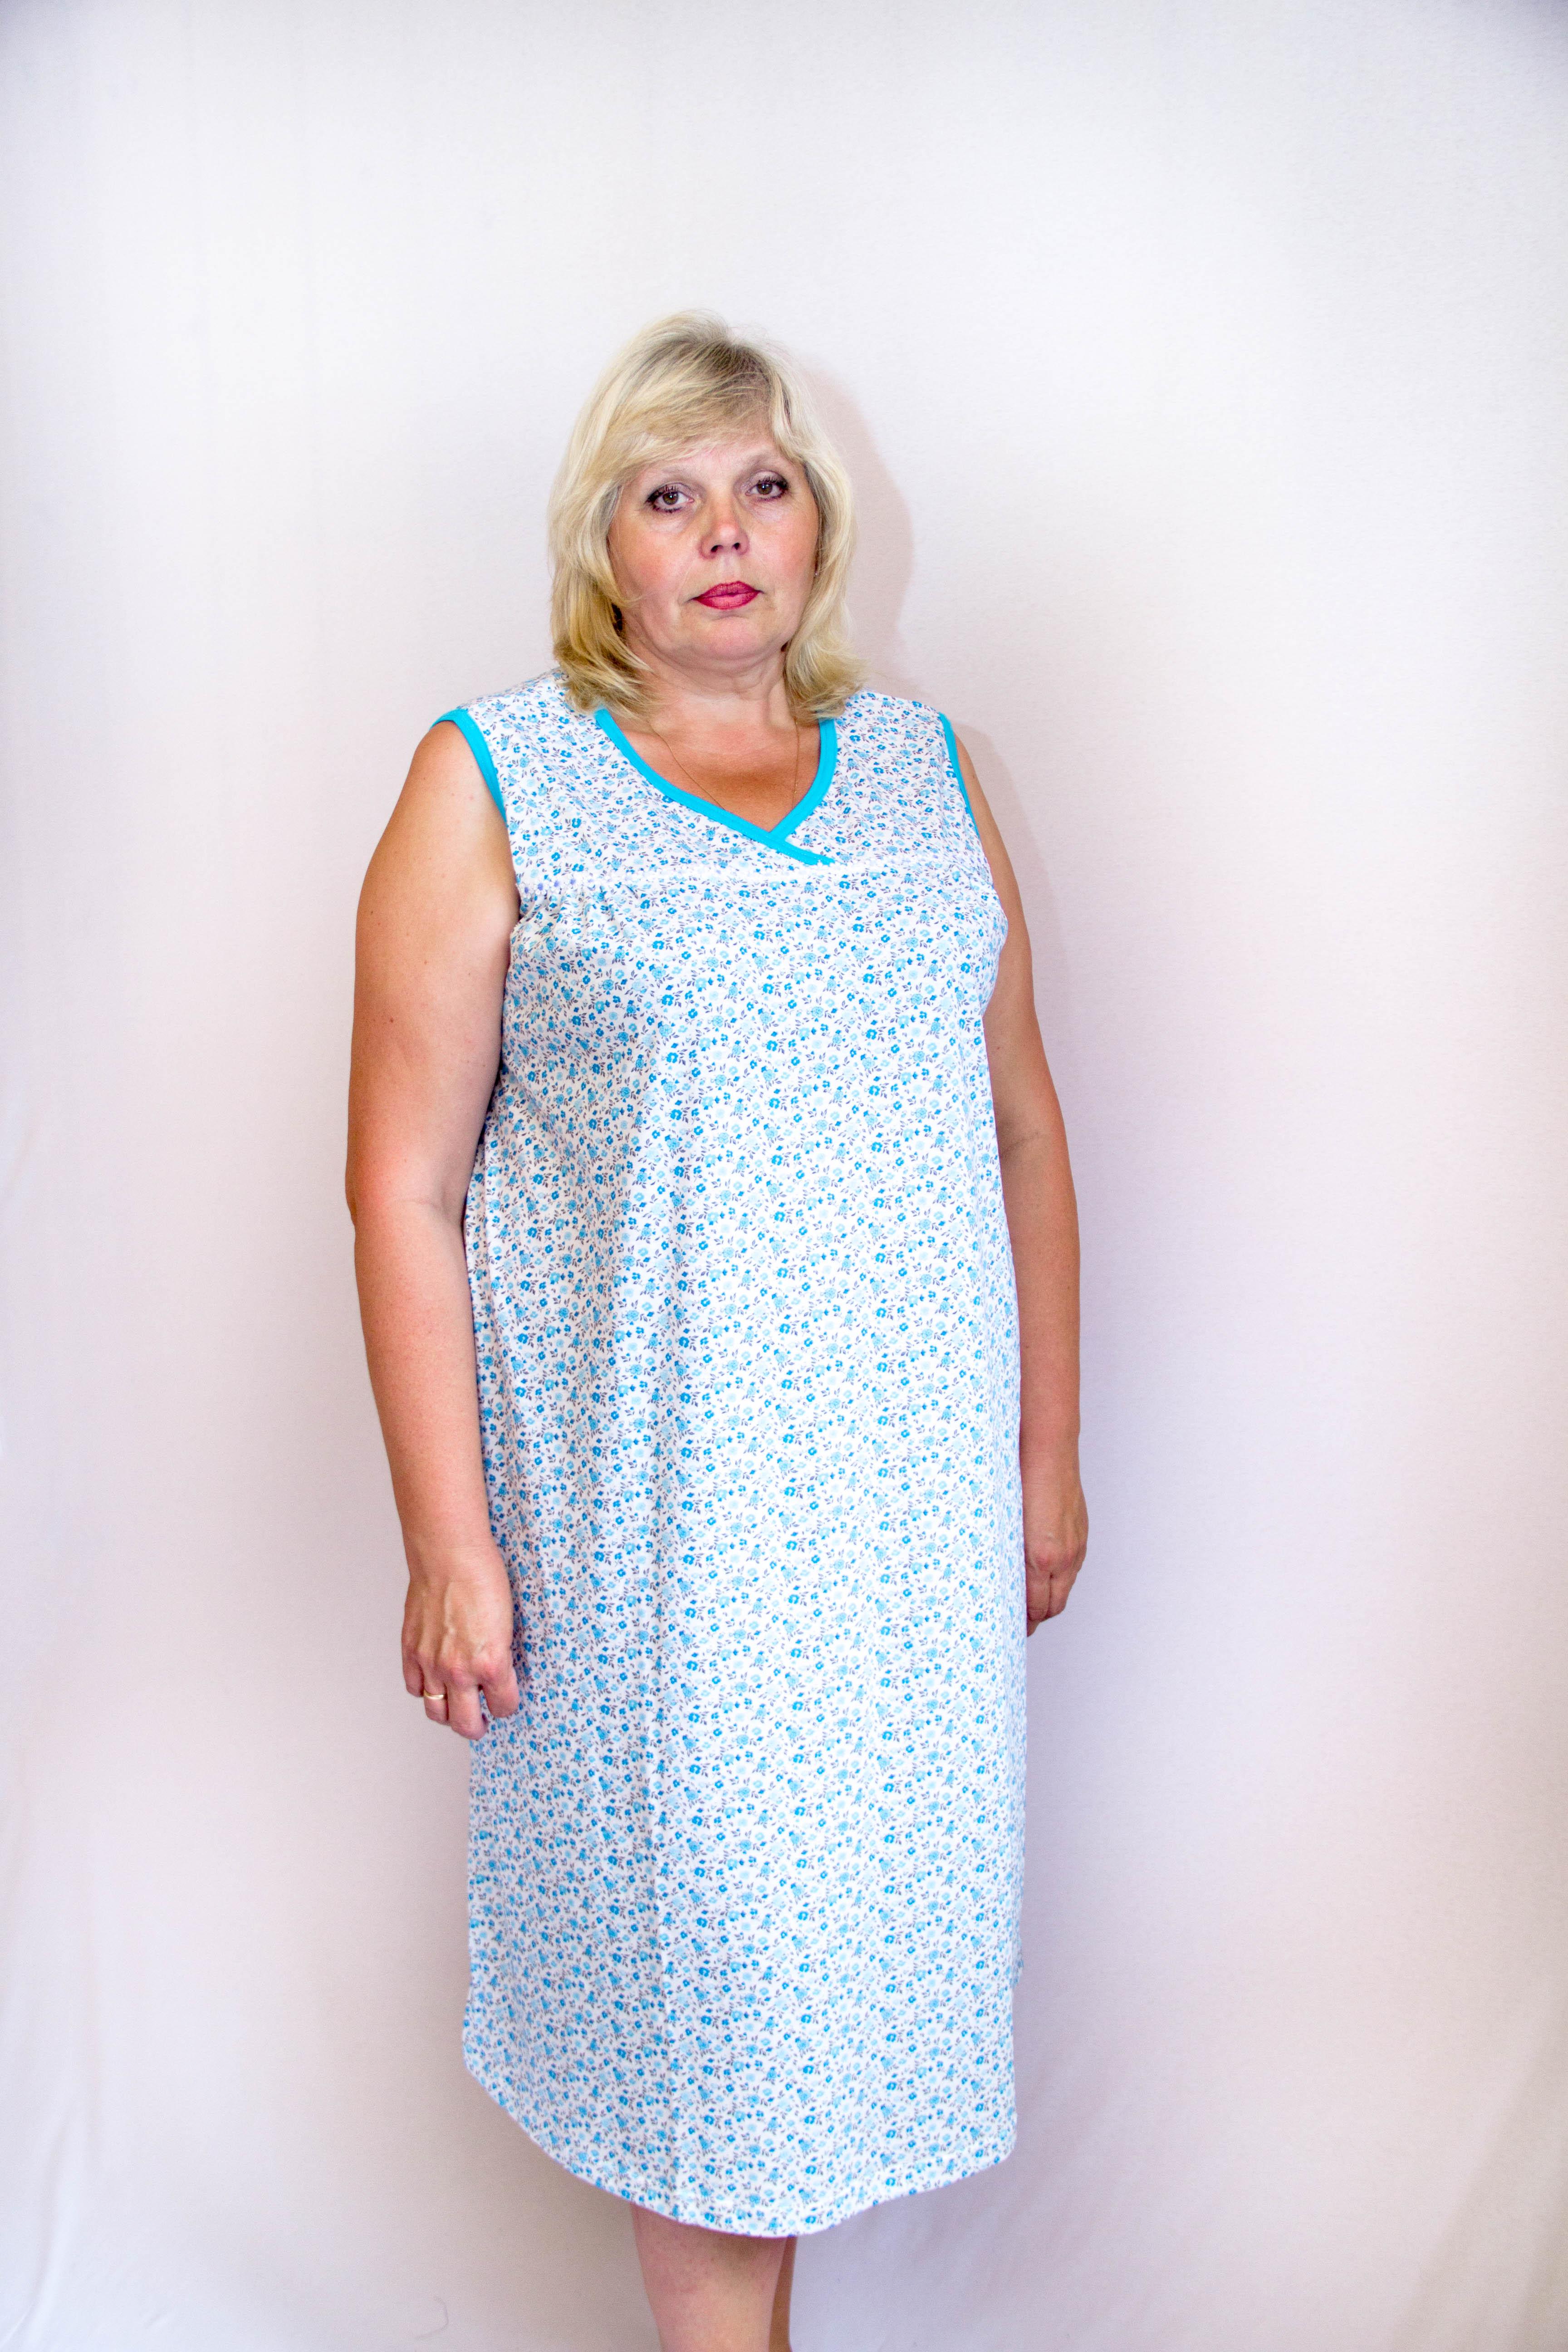 Изображение: Сорочка на кокетке без рукавов